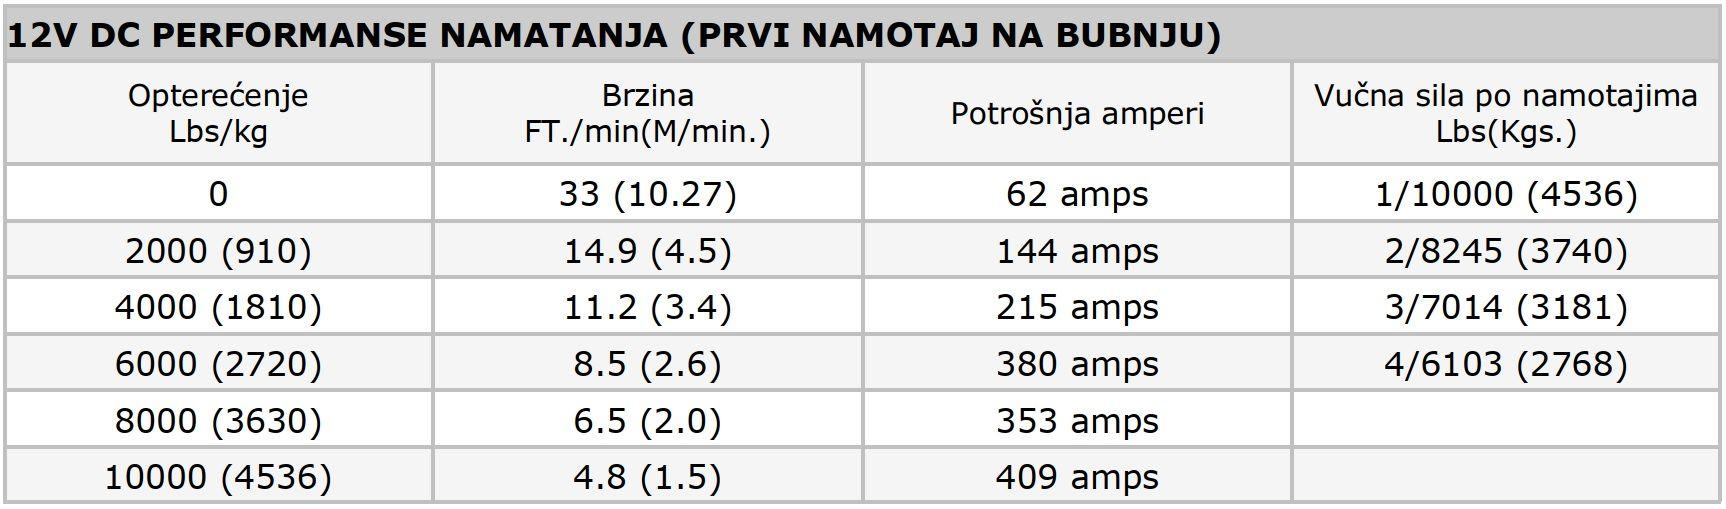 Premium vitlo Warn Zeon 10CE, 12V, 4.536kg sa sajlom, vodilicom i žičnim daljinskim 7